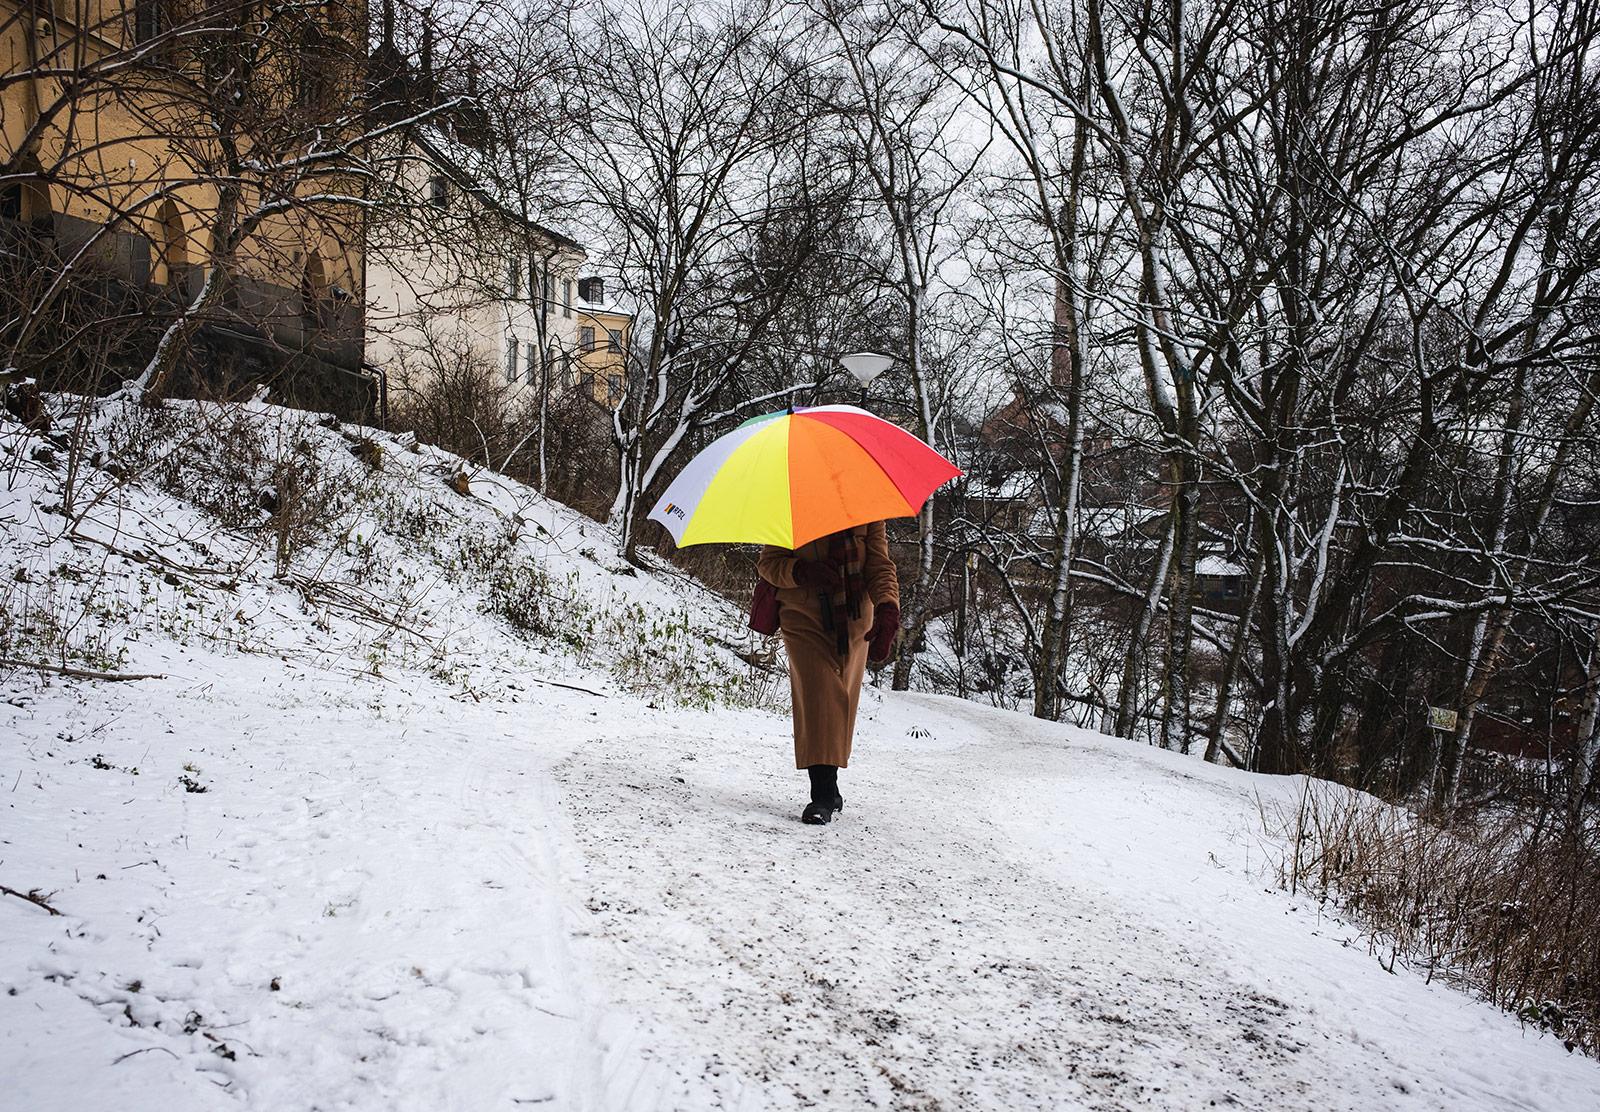 Woman carrying bright umbrella